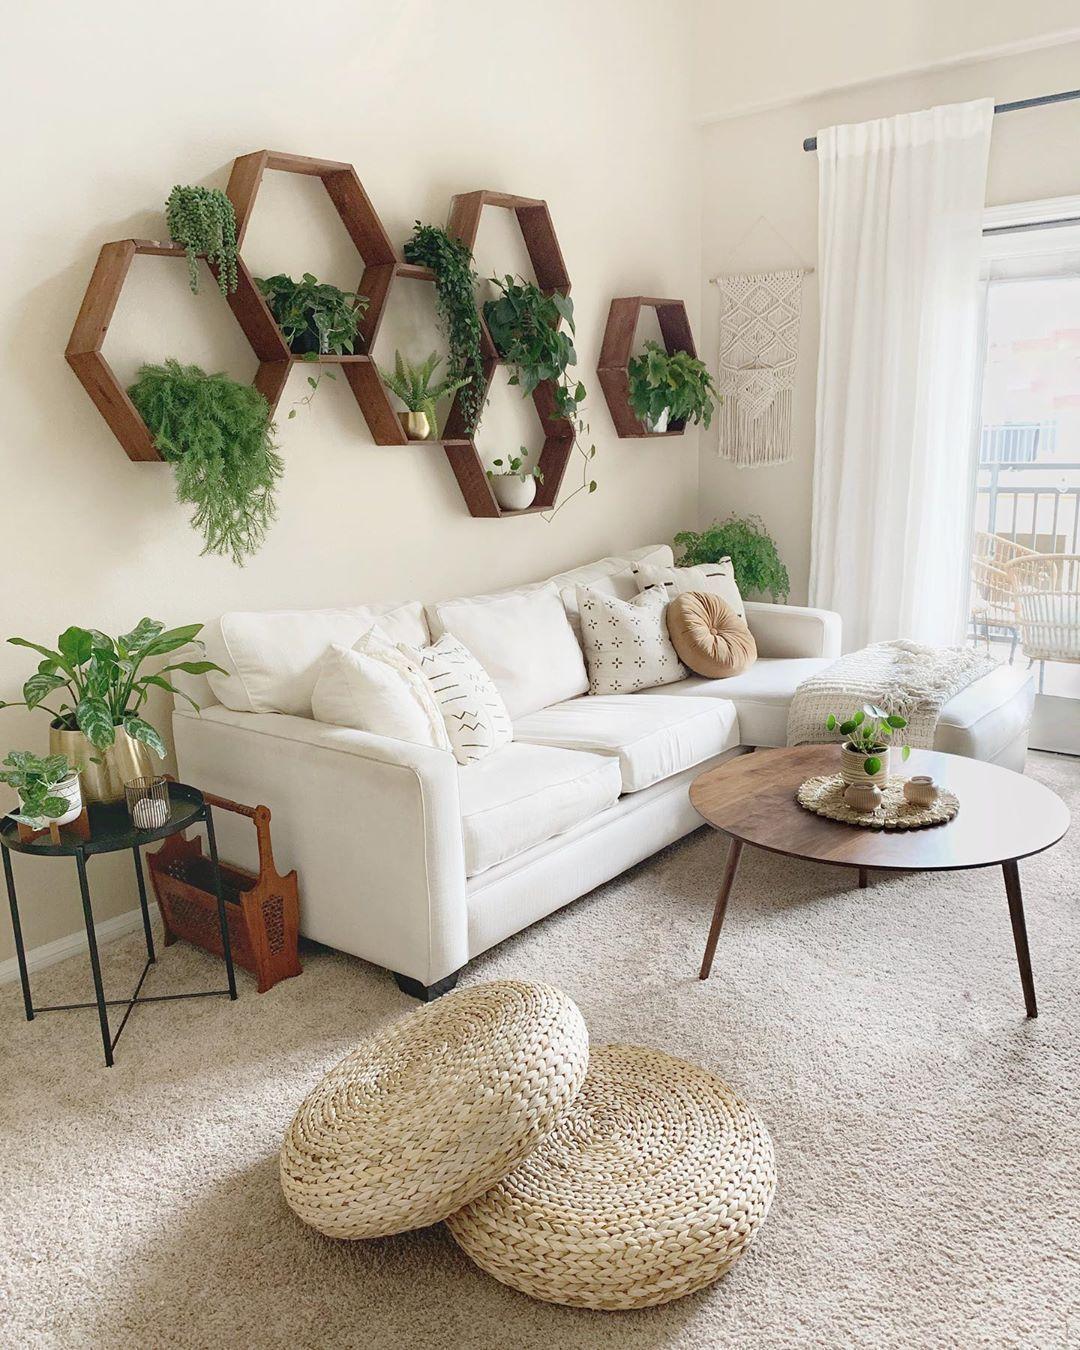 Find out Where to Buy Every Single Thing in This PlantFilled Bohemian Living Room  Jeder von uns hat unterschiedliche Bedürfnisse und materielle Möglichkeiten j...